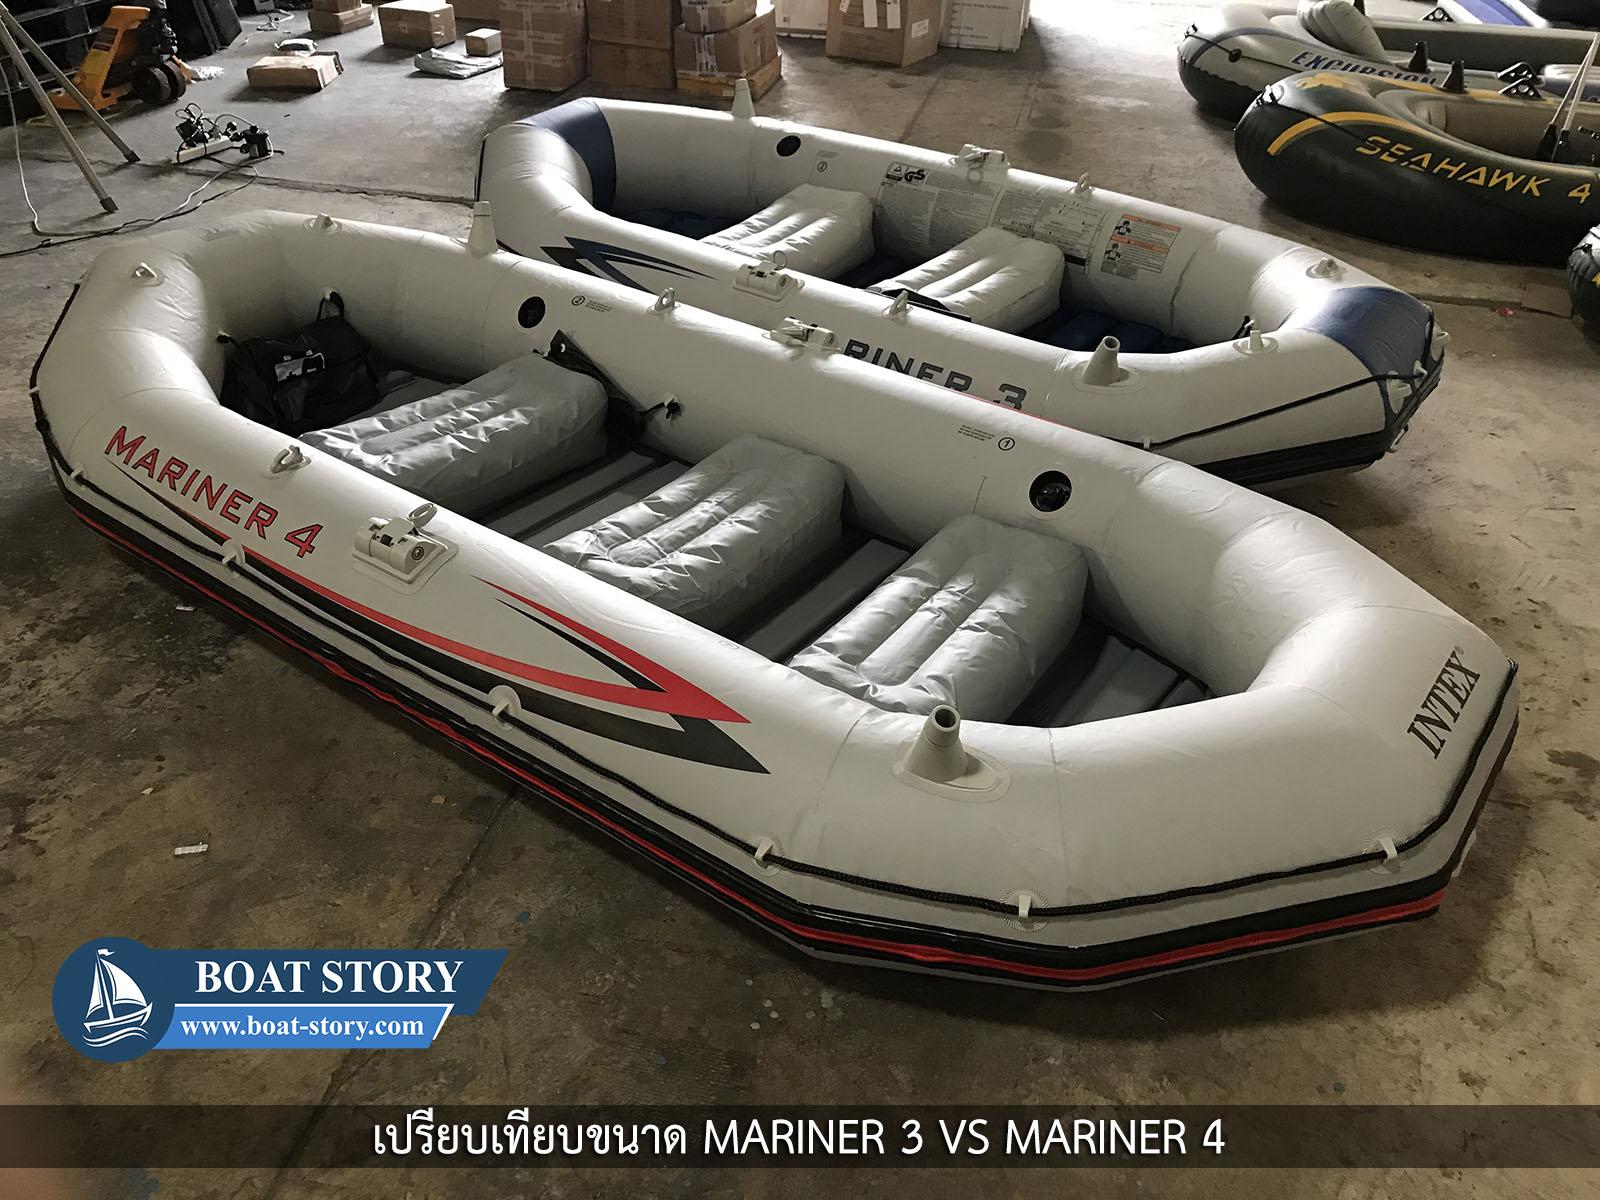 เรือยาง Intex Mariner 4